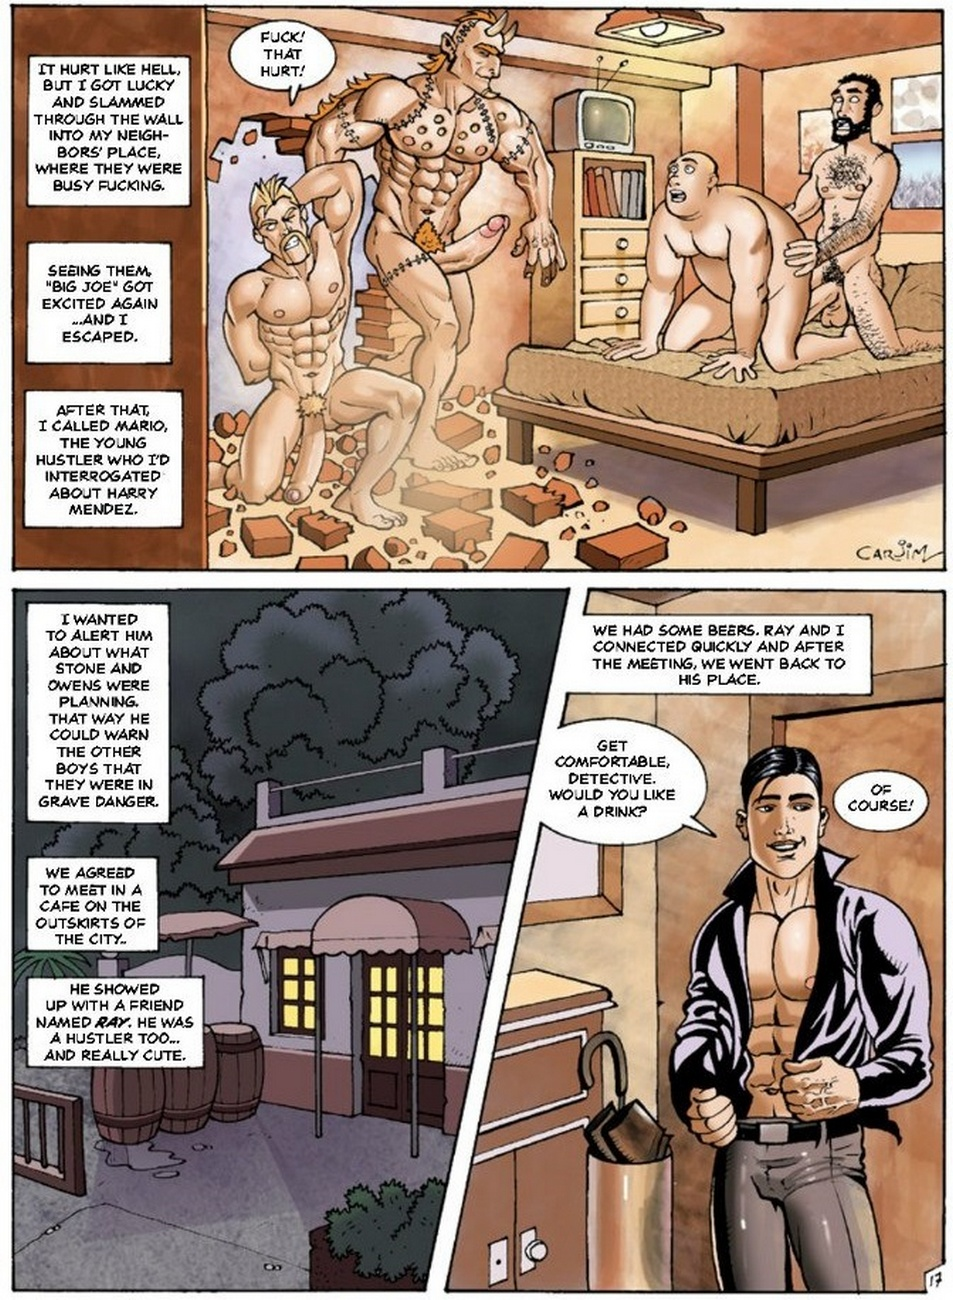 Detective Anvil - part 2